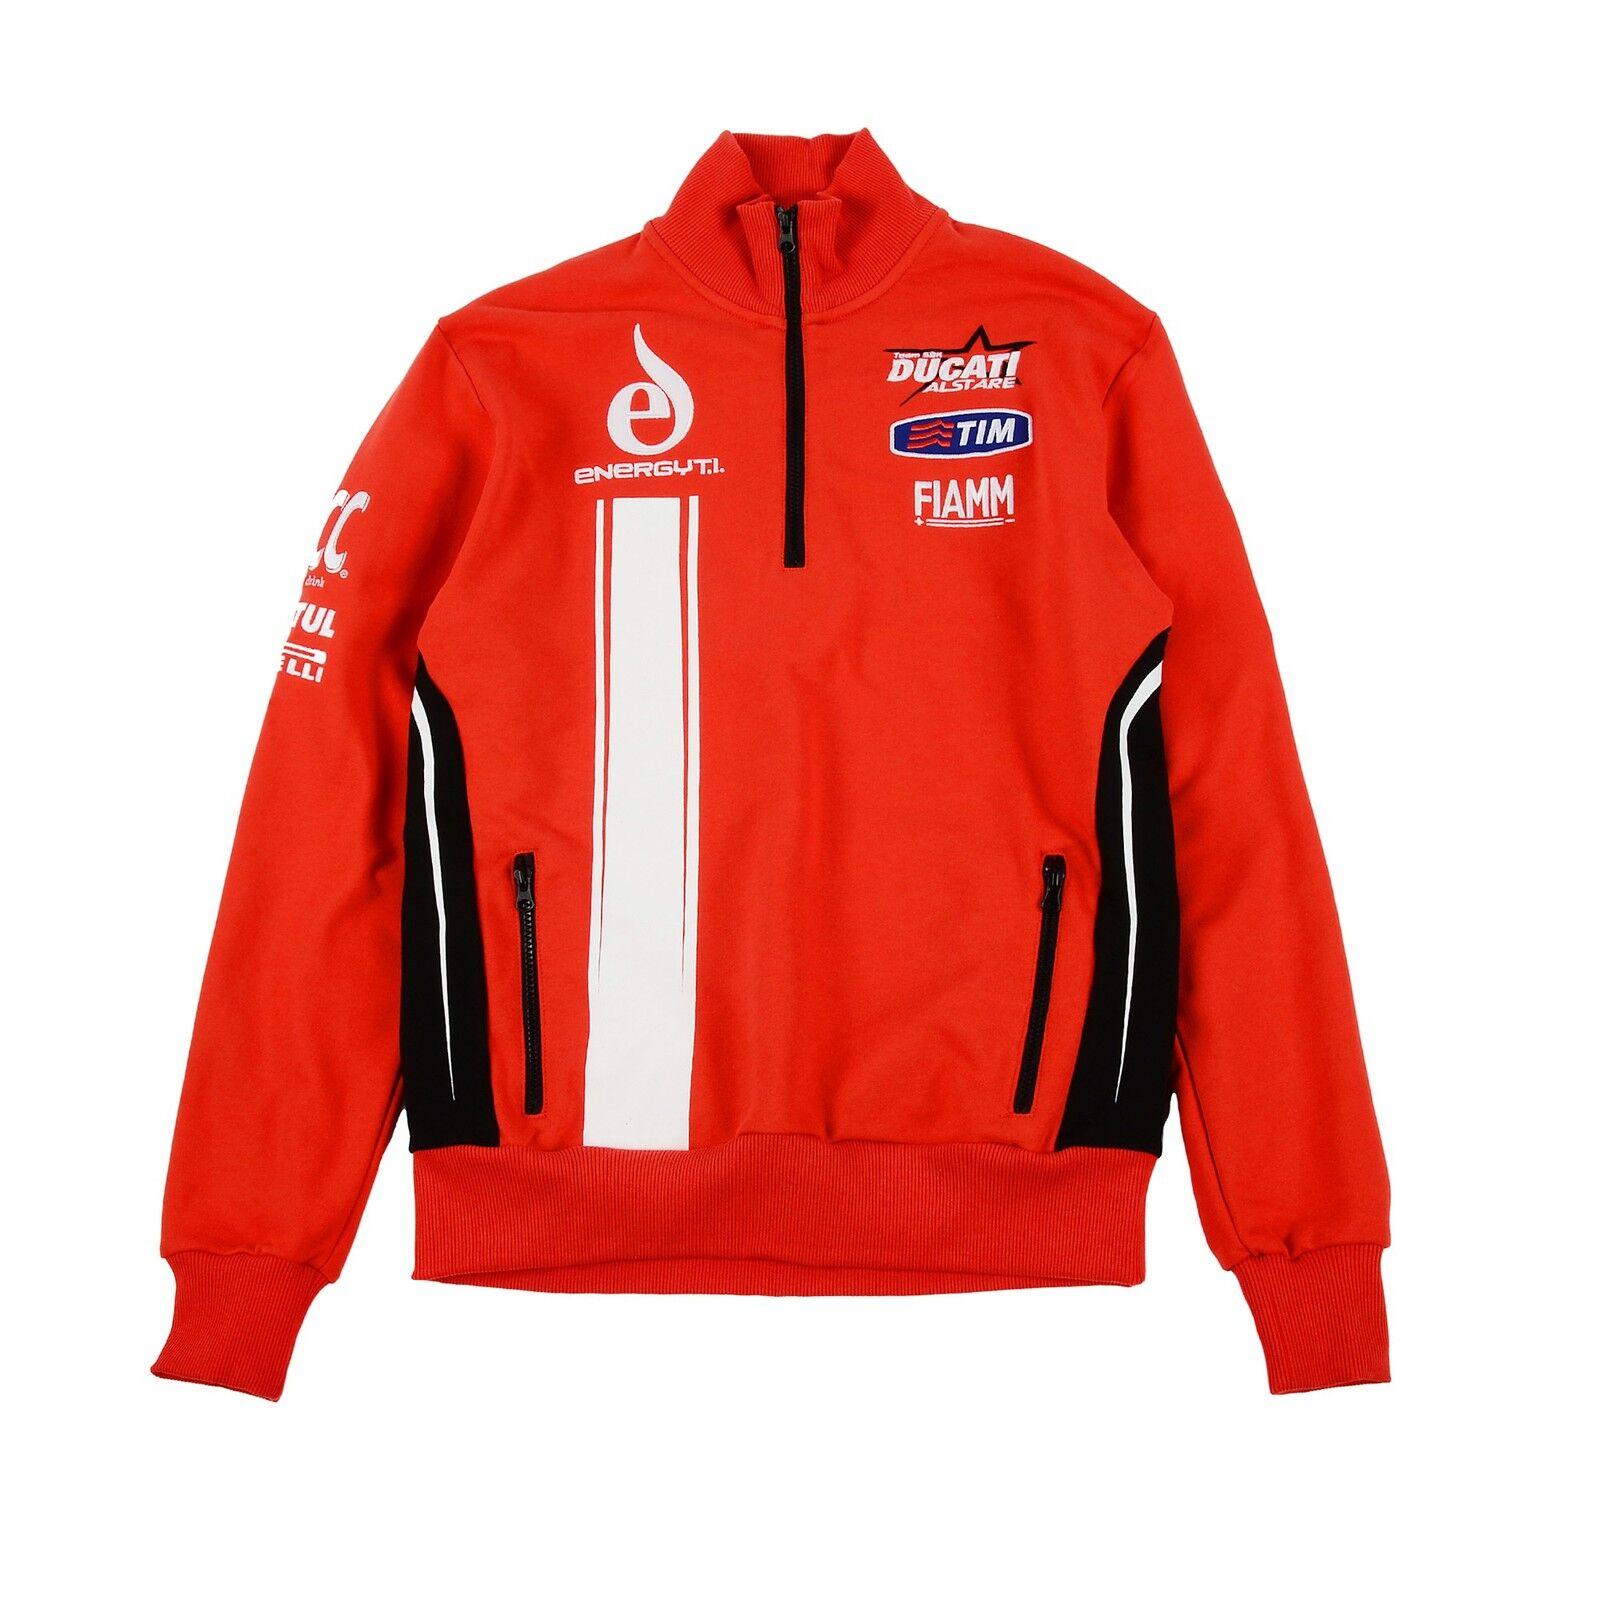 New Official Team Alstare Ducati rot Zip Up Fleece    | Online-Exportgeschäft